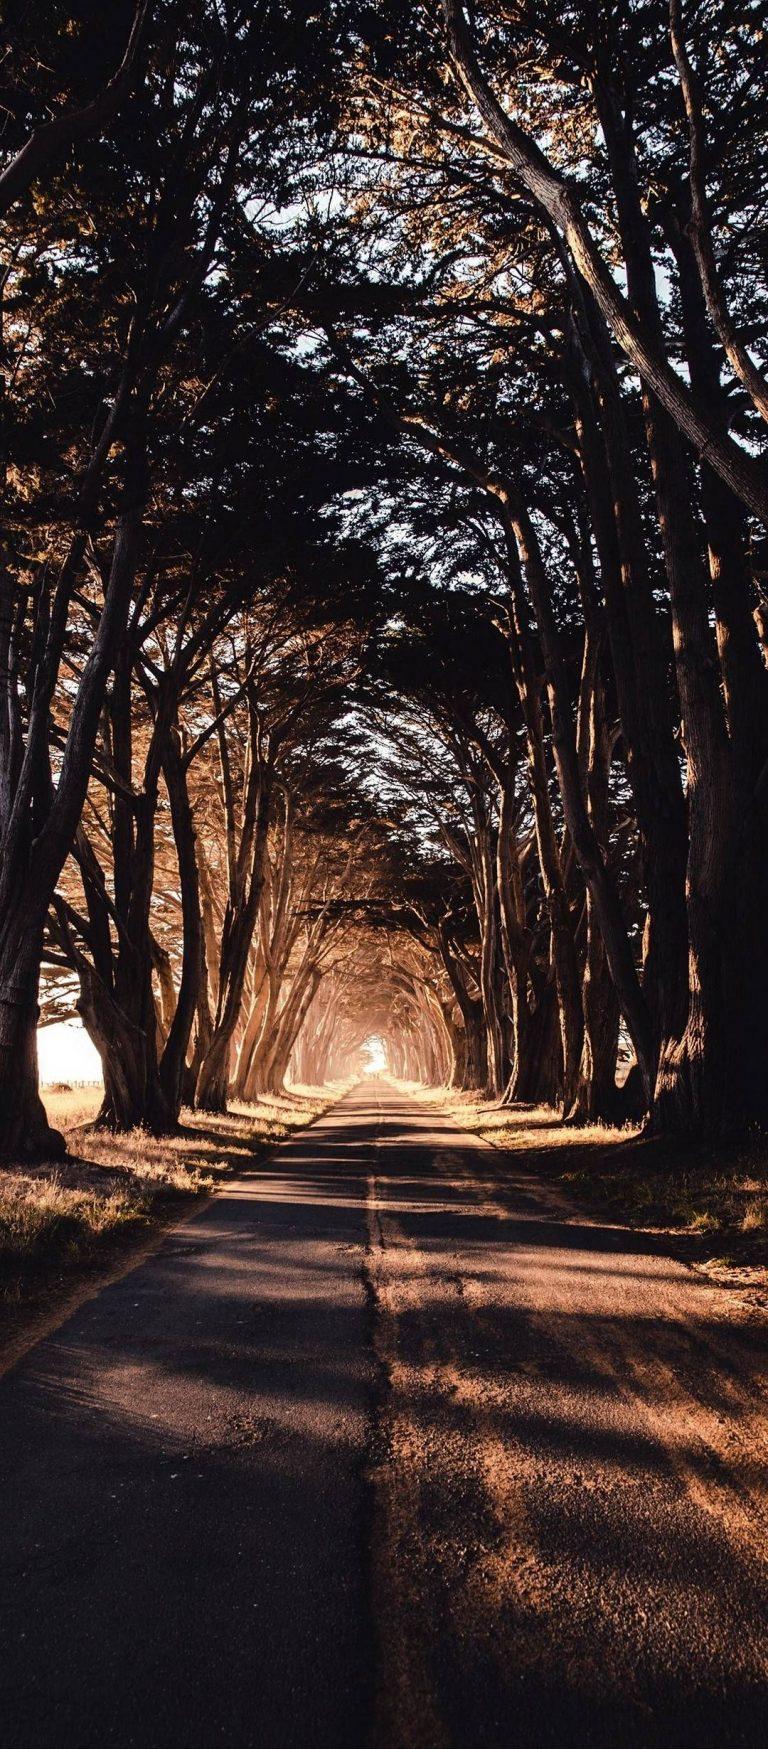 Road Trees Shadow 1080x2460 768x1749